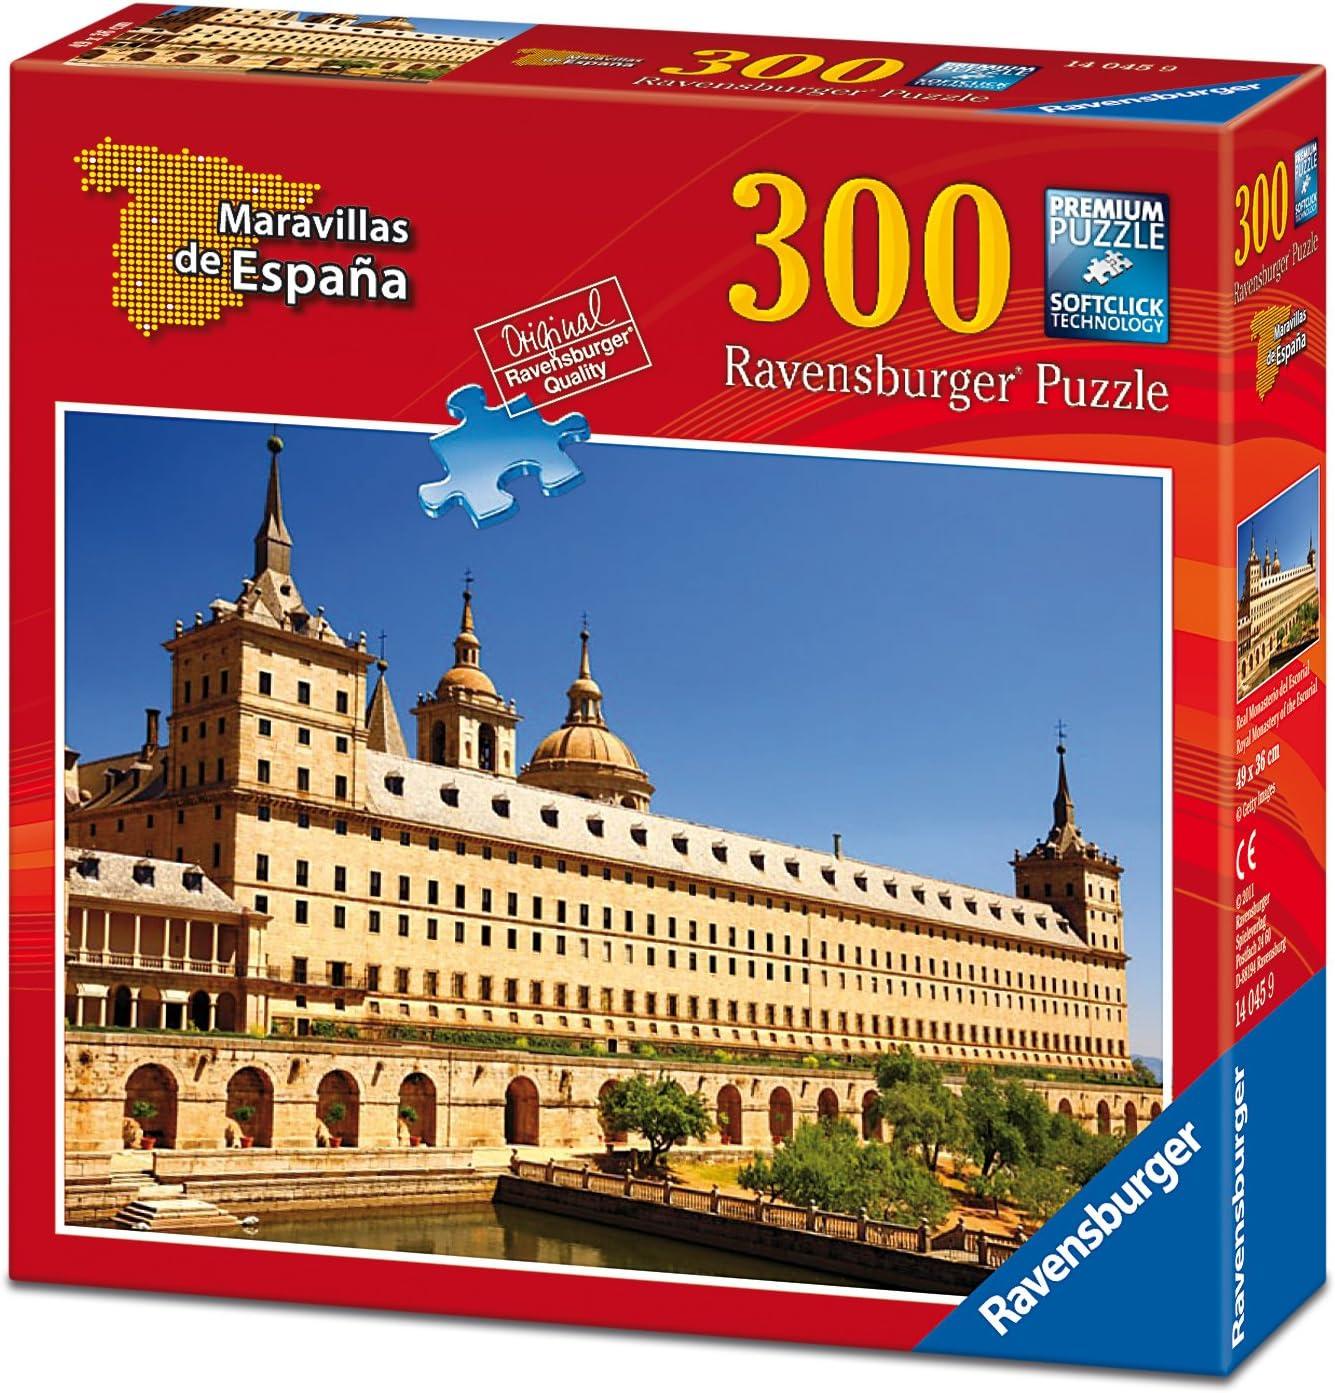 Ravensburger - Maravillas de España: El Escorial, Puzzle de 300 Piezas (14045 9): Amazon.es: Juguetes y juegos